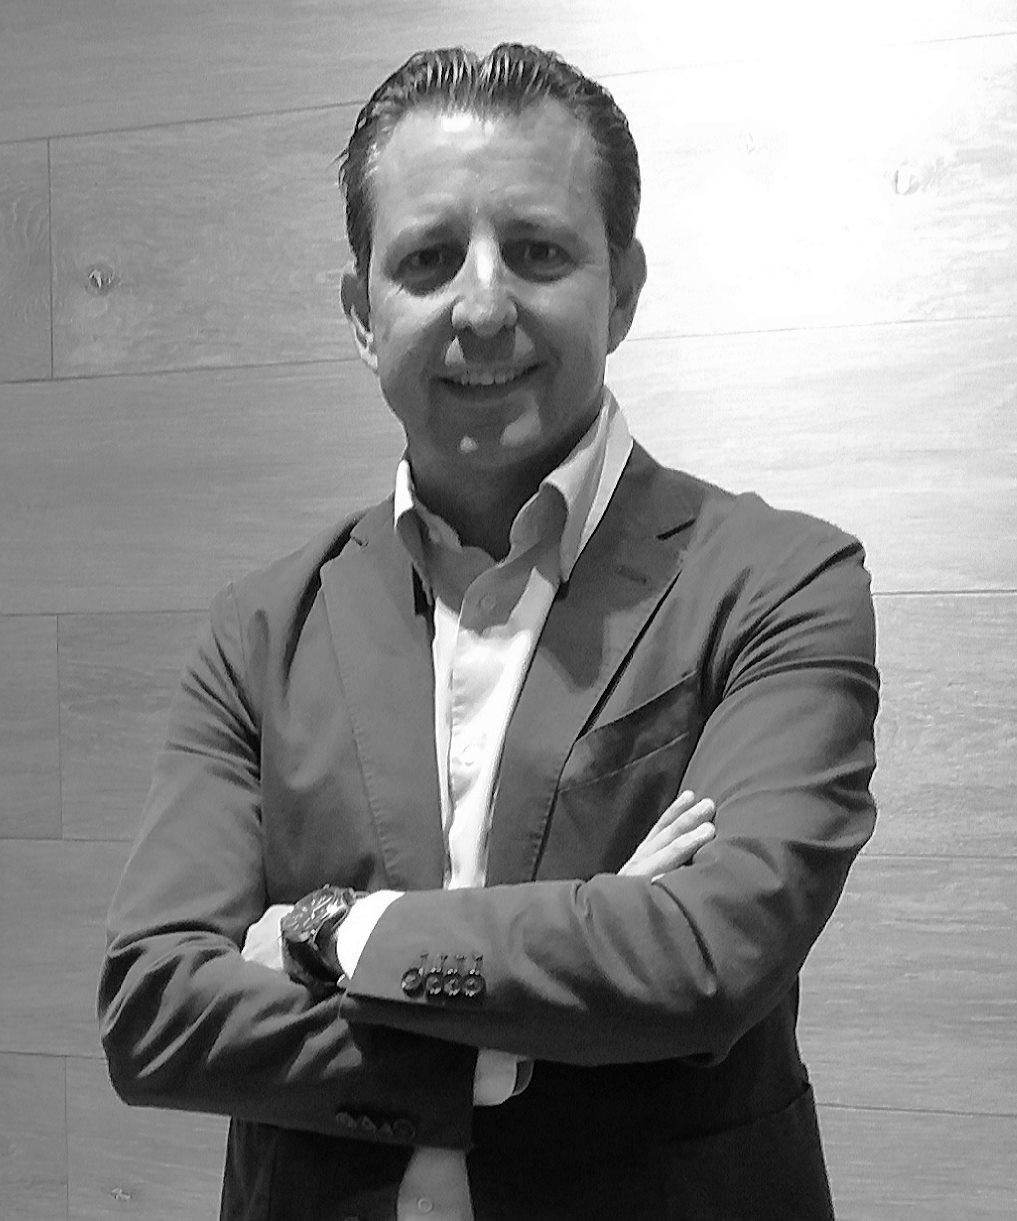 Pablo Chulia